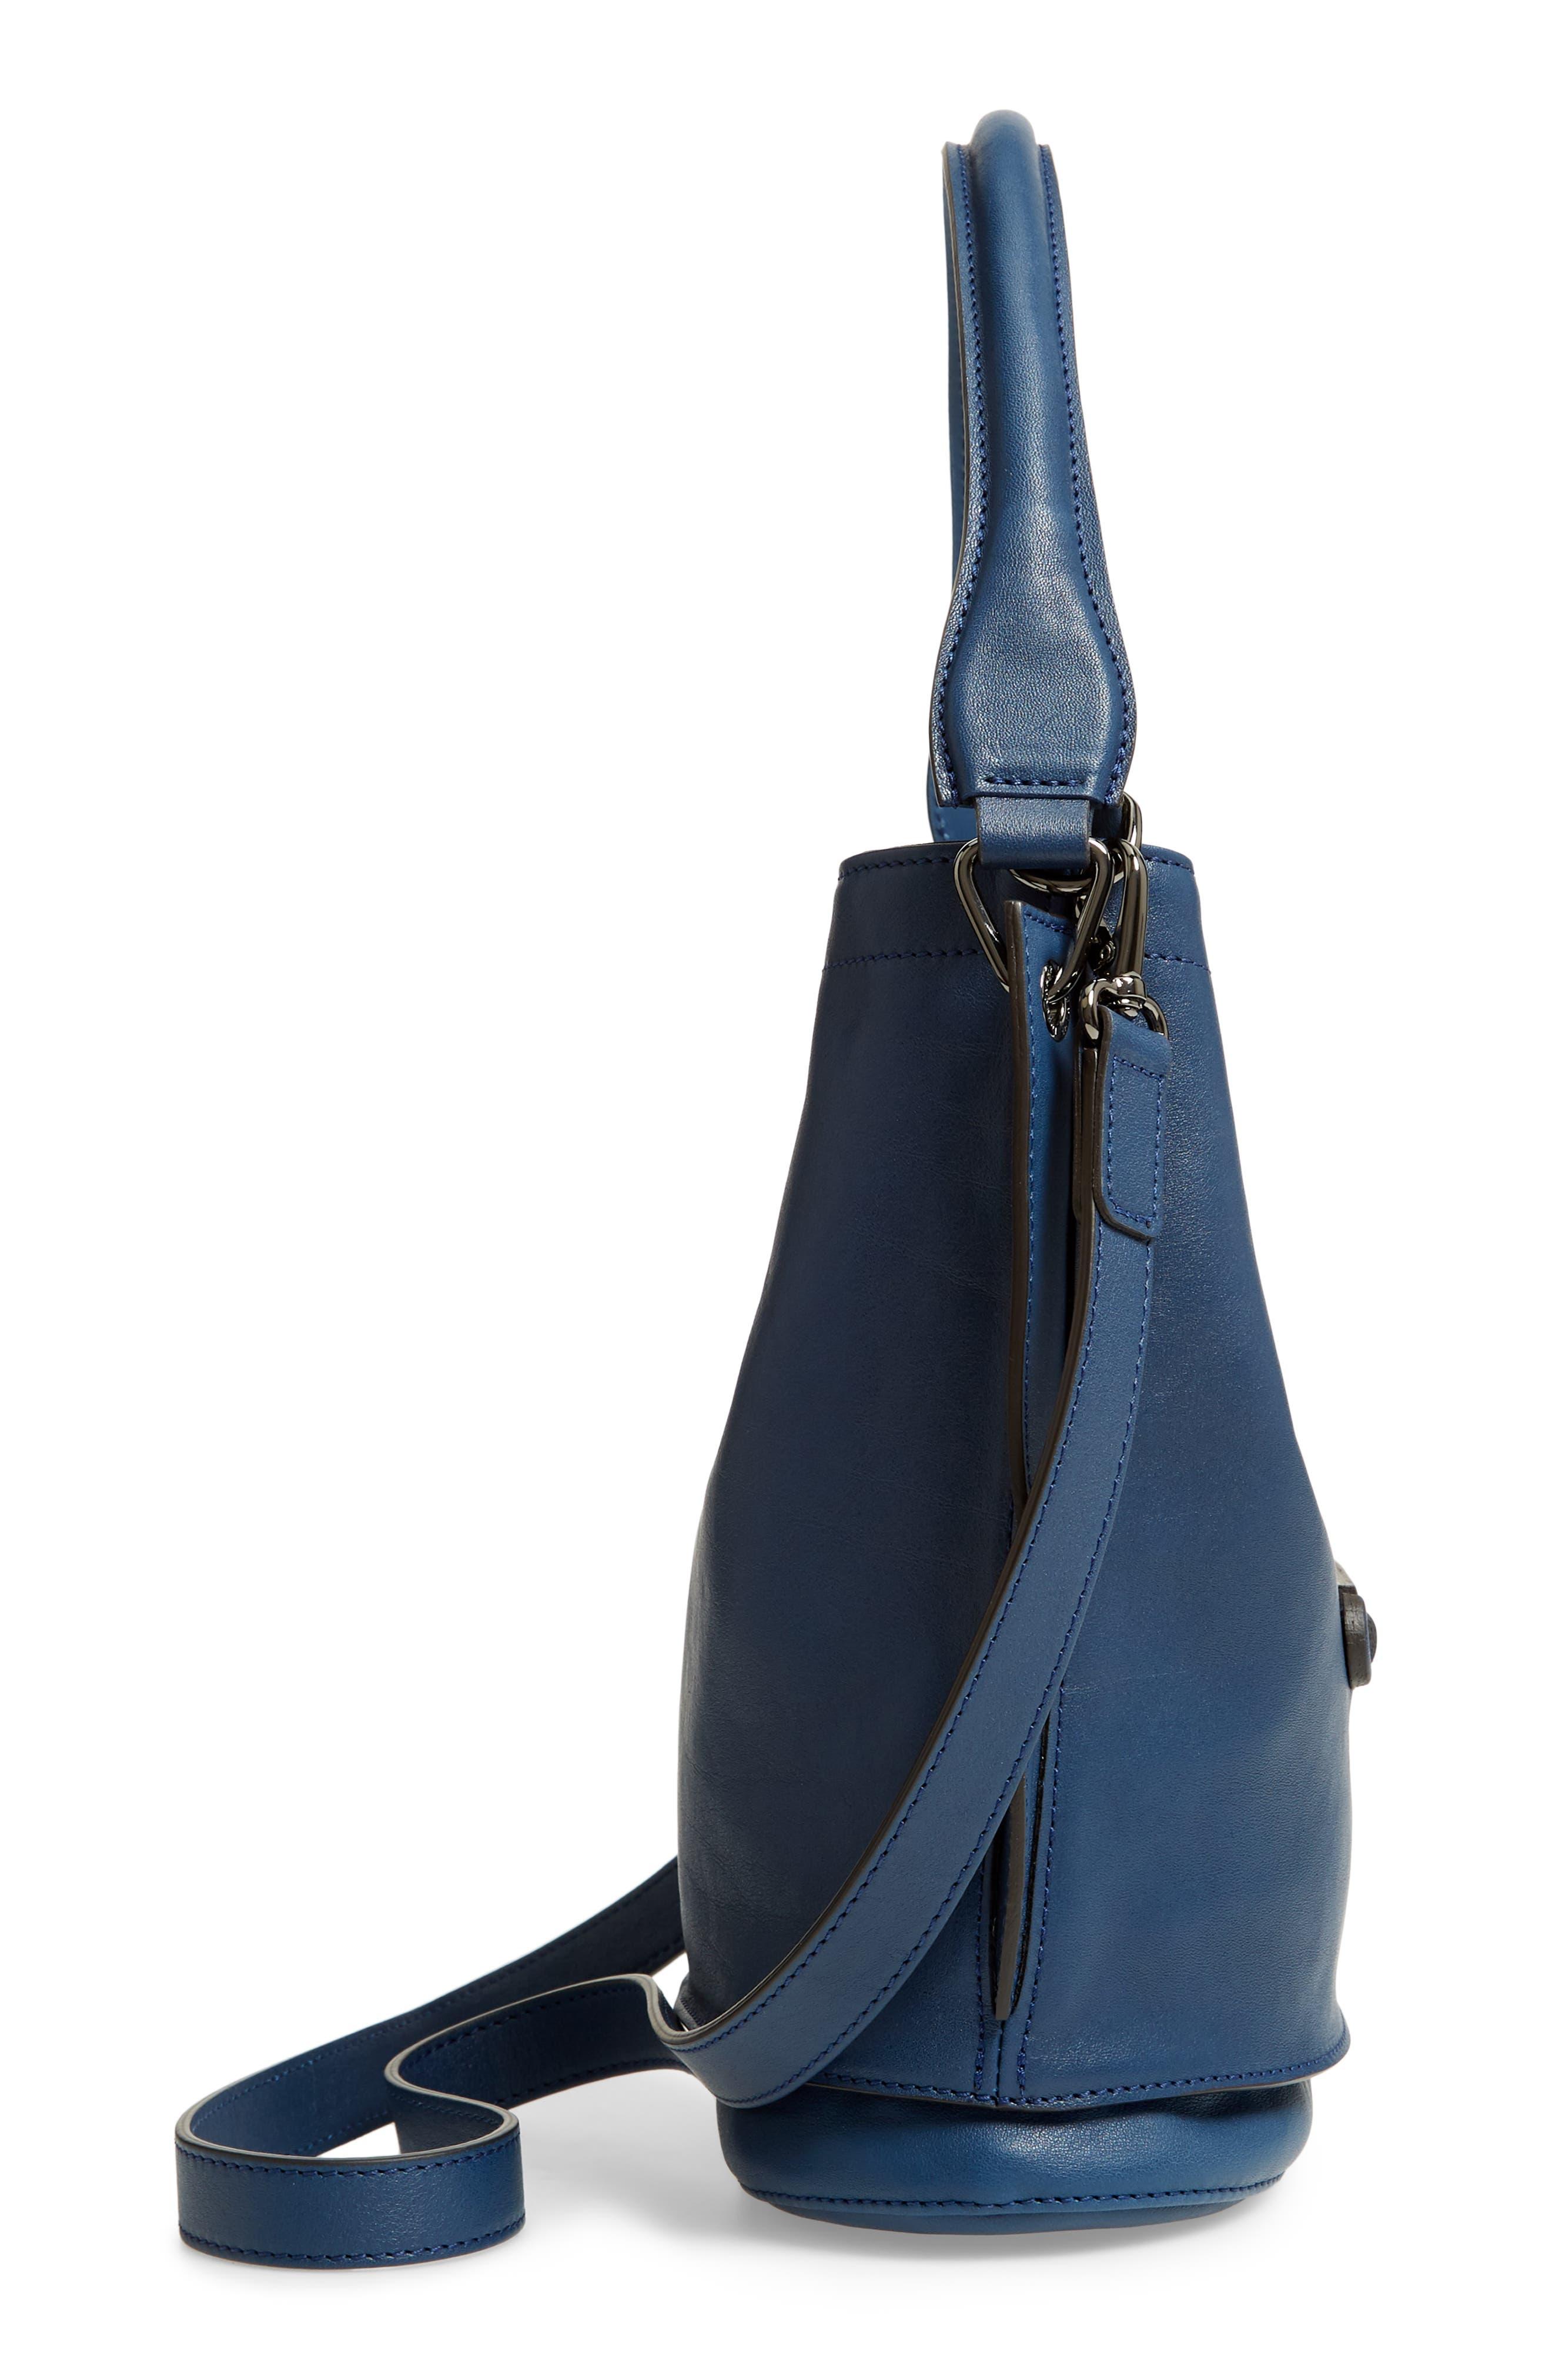 3D Leather Bucket Bag,                             Alternate thumbnail 5, color,                             PILOT BLUE